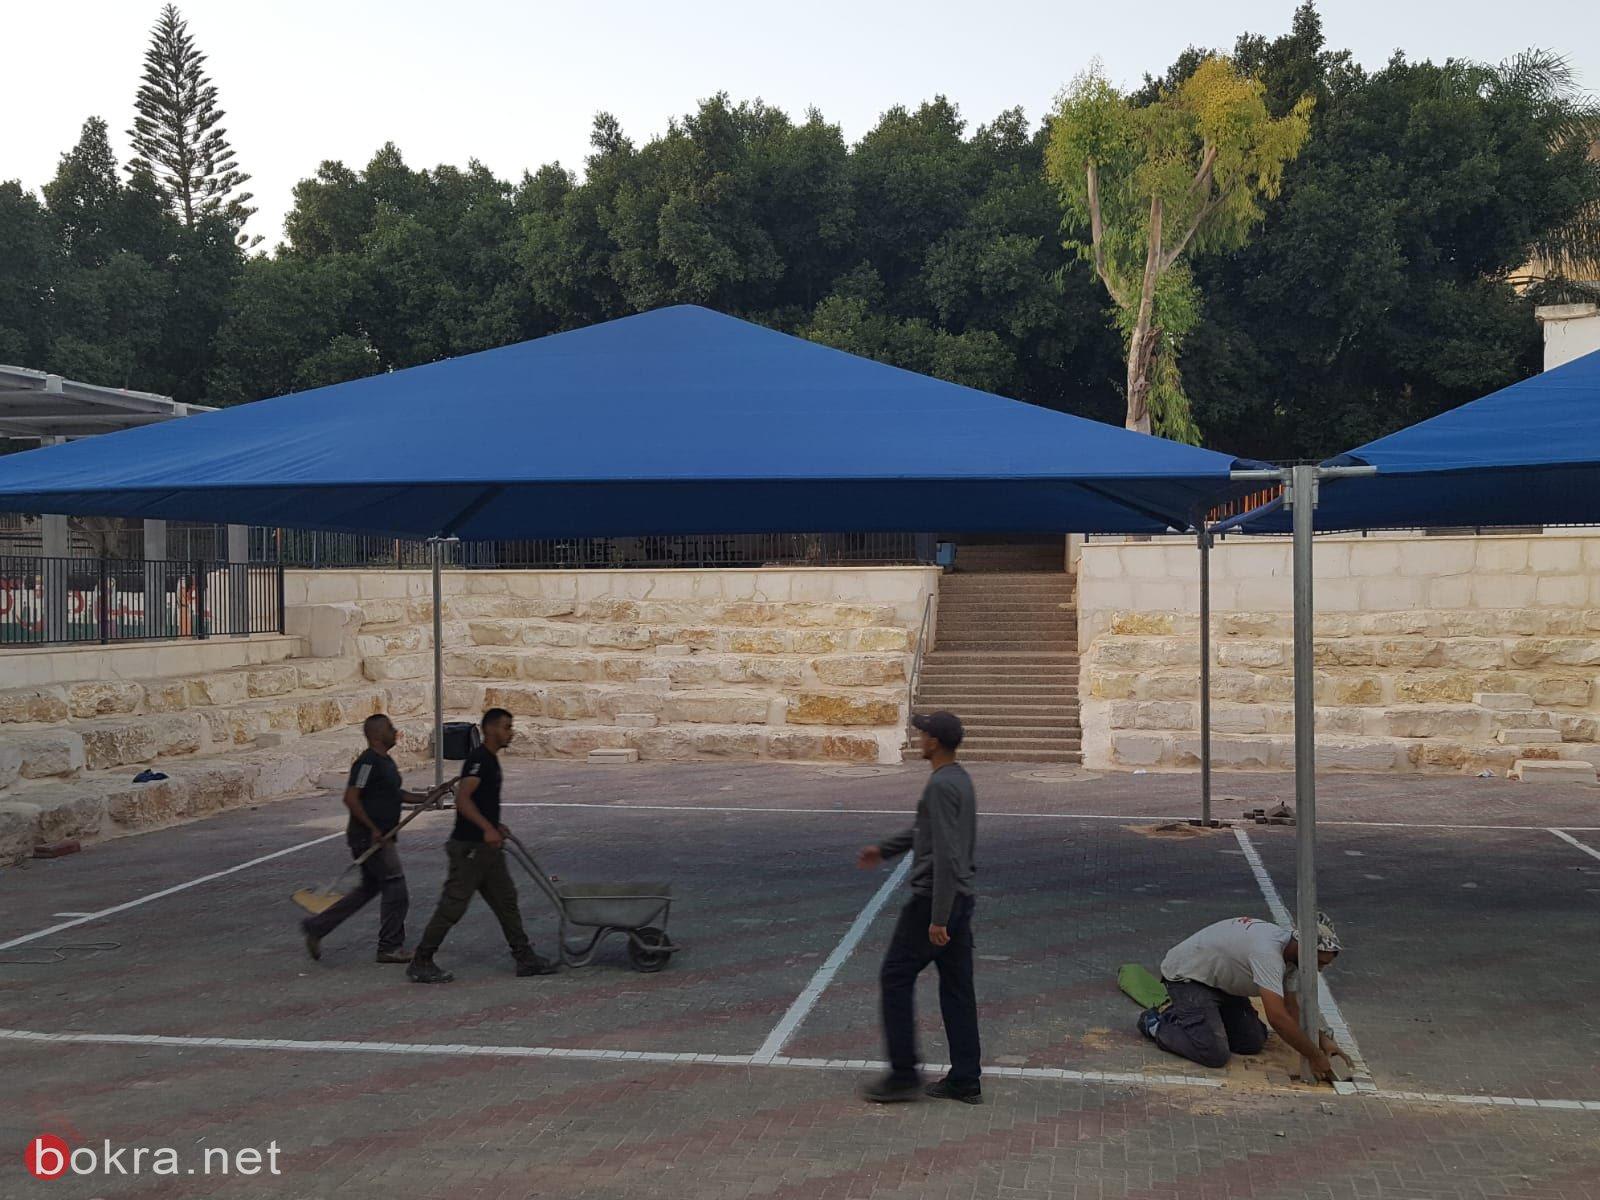 يافة الناصرة: تركيب مظلات في مدارس القرية